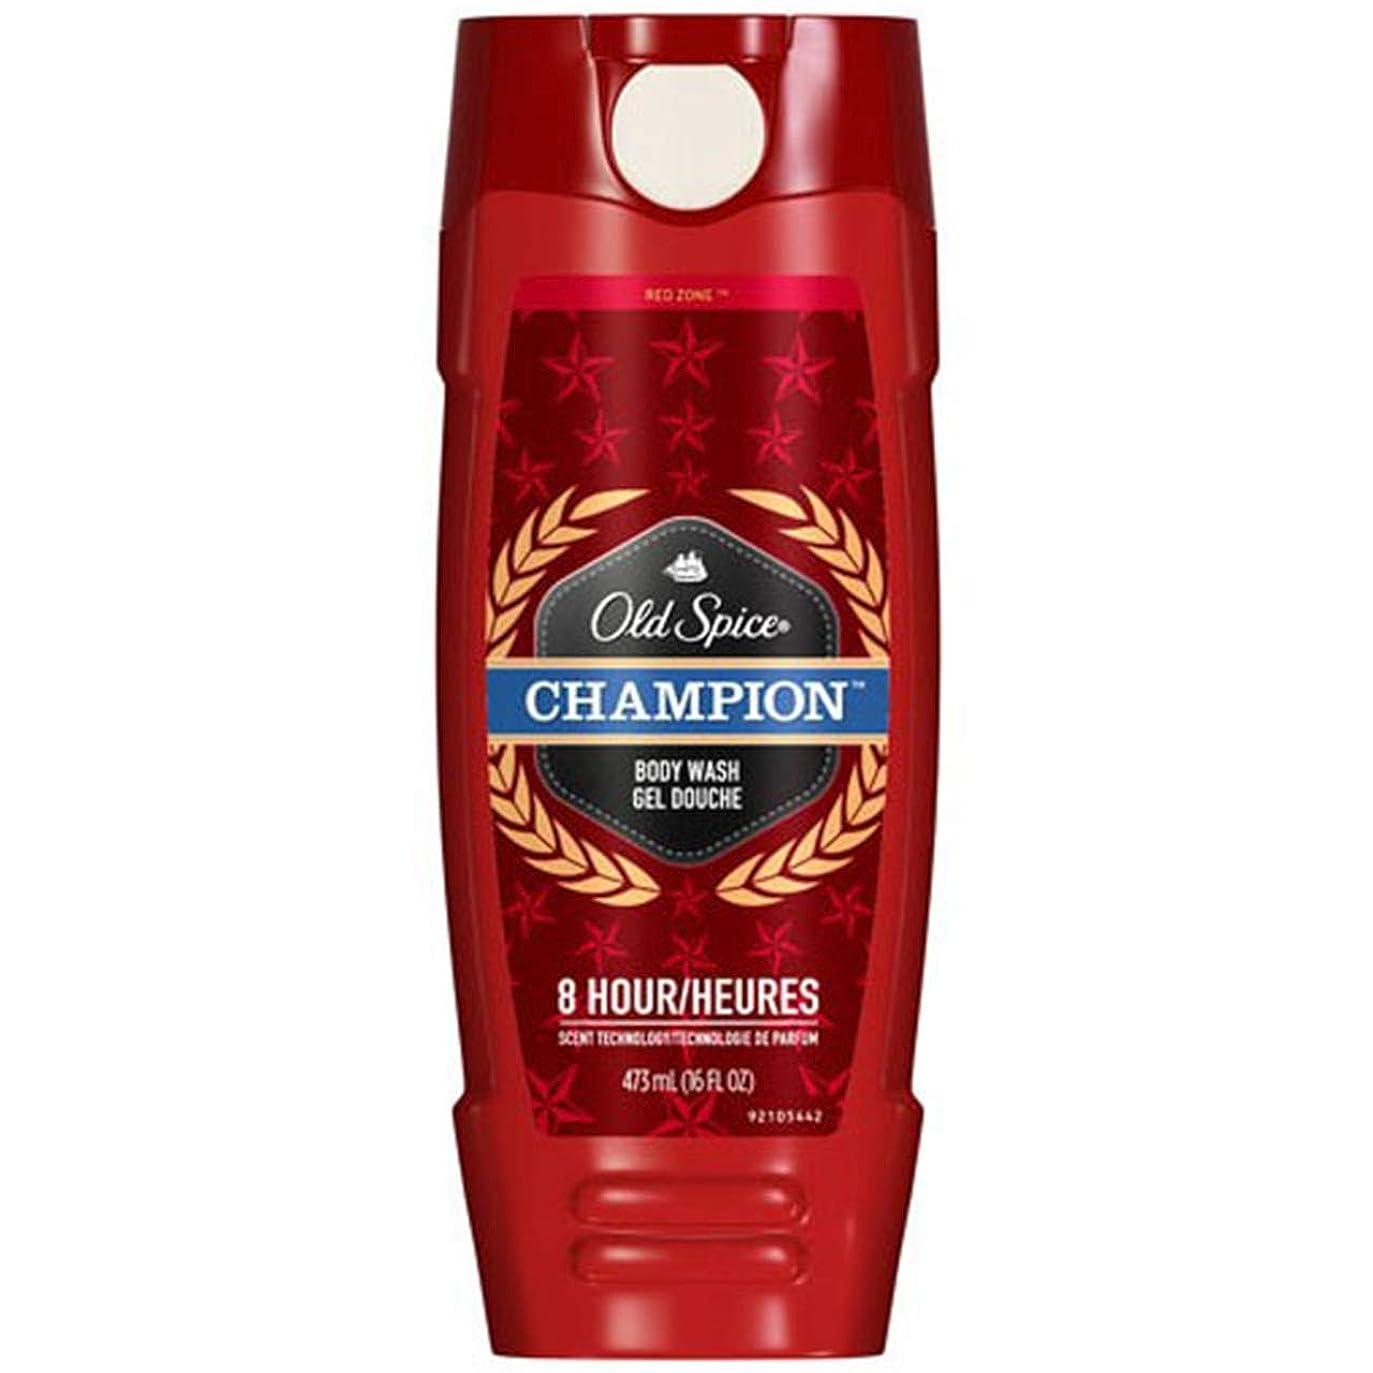 均等に突然望まないOld Spice オールドスパイス ボディーウォッシュジェル Red Zone Body Wash GEL 473ml 並行輸入品 (CHAMPION/チャンピオン) [並行輸入品]